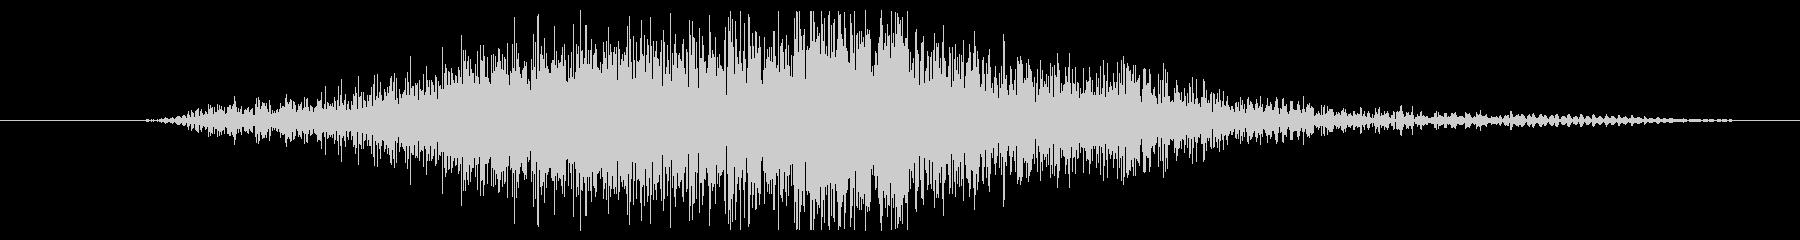 モンスタースクリーム04の未再生の波形